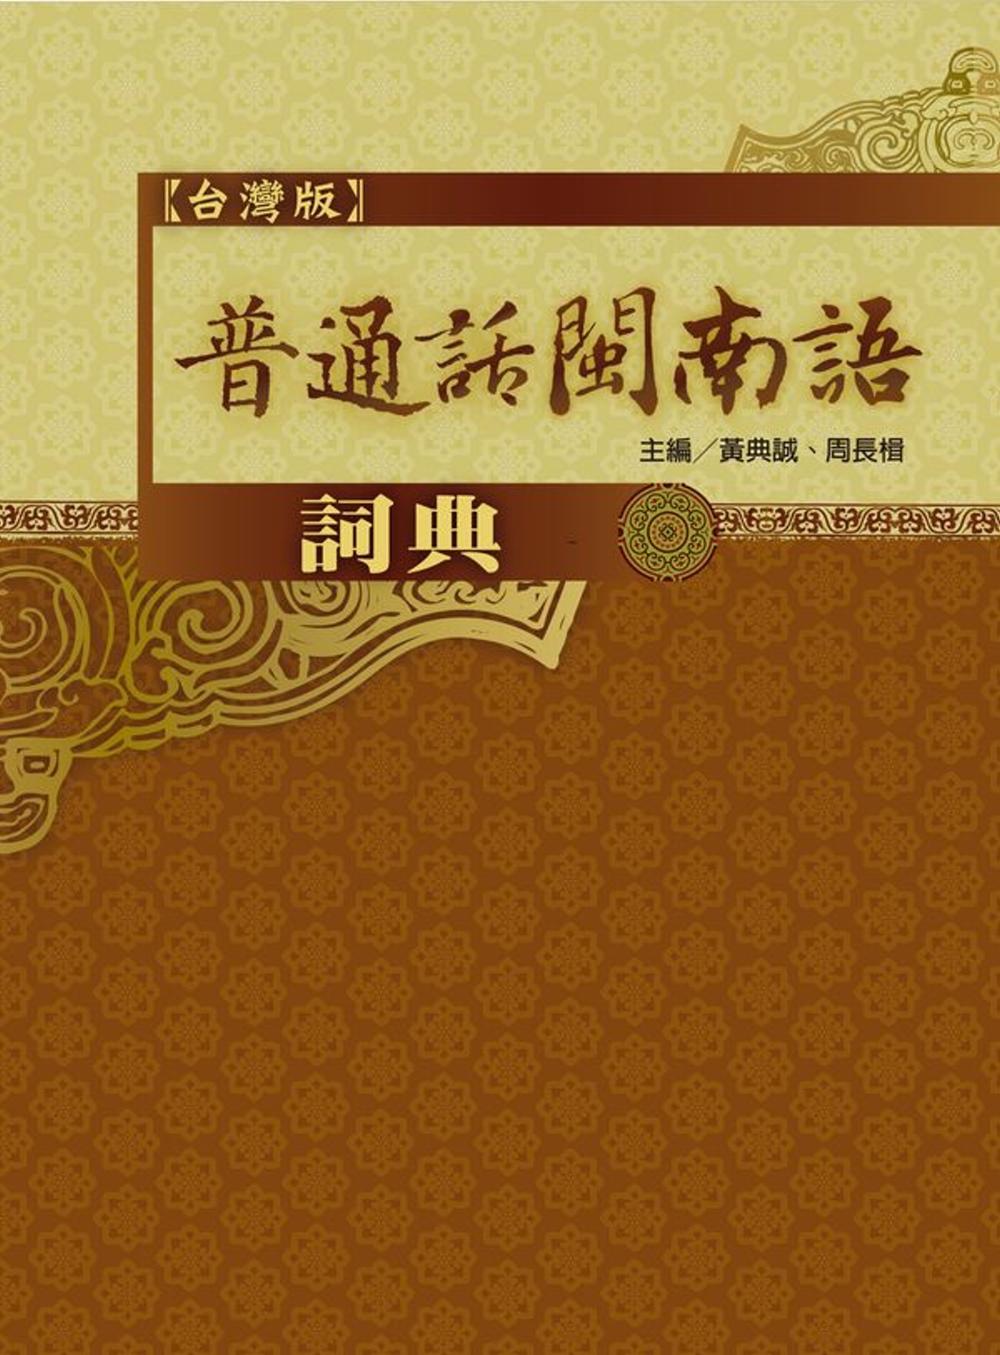 普通話閩南語詞典